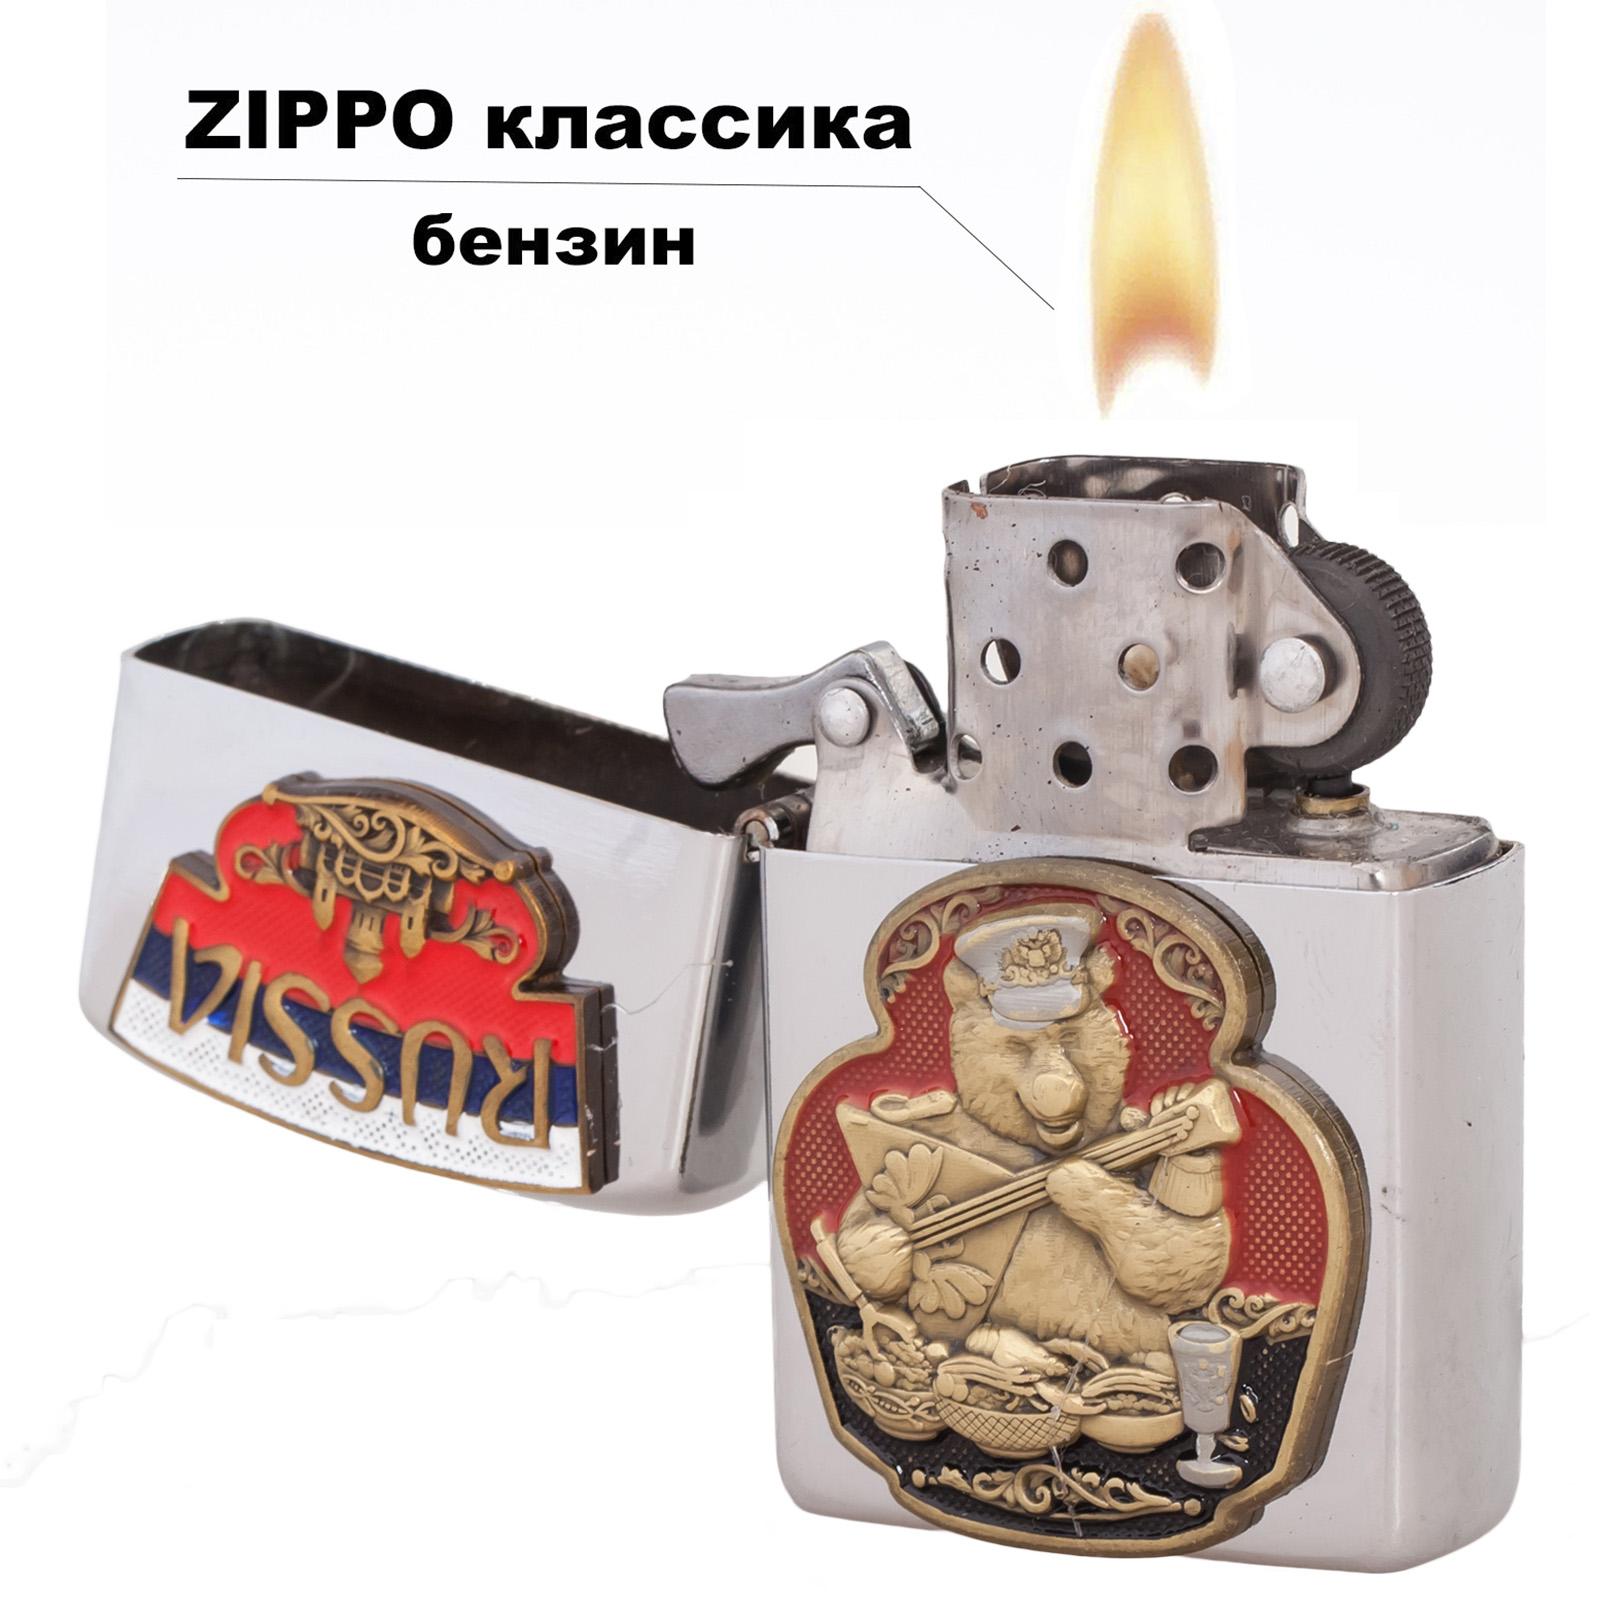 Бензиновые зажигалки со скидками в Москве